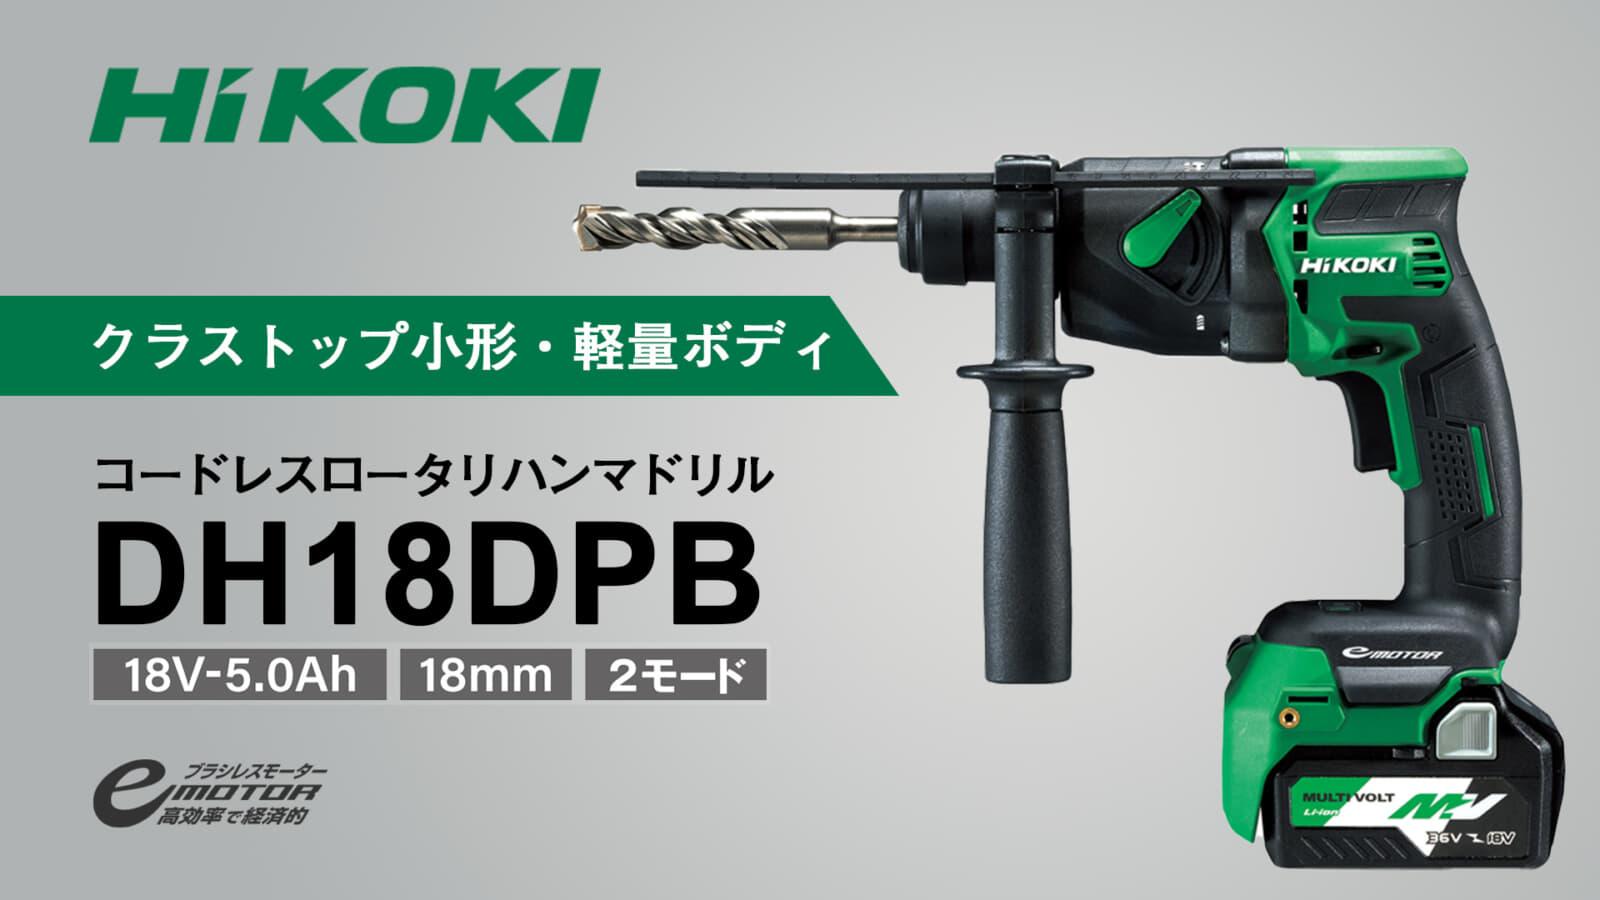 HiKOKI DH18DPB コードレスロータリハンマドリルを発売